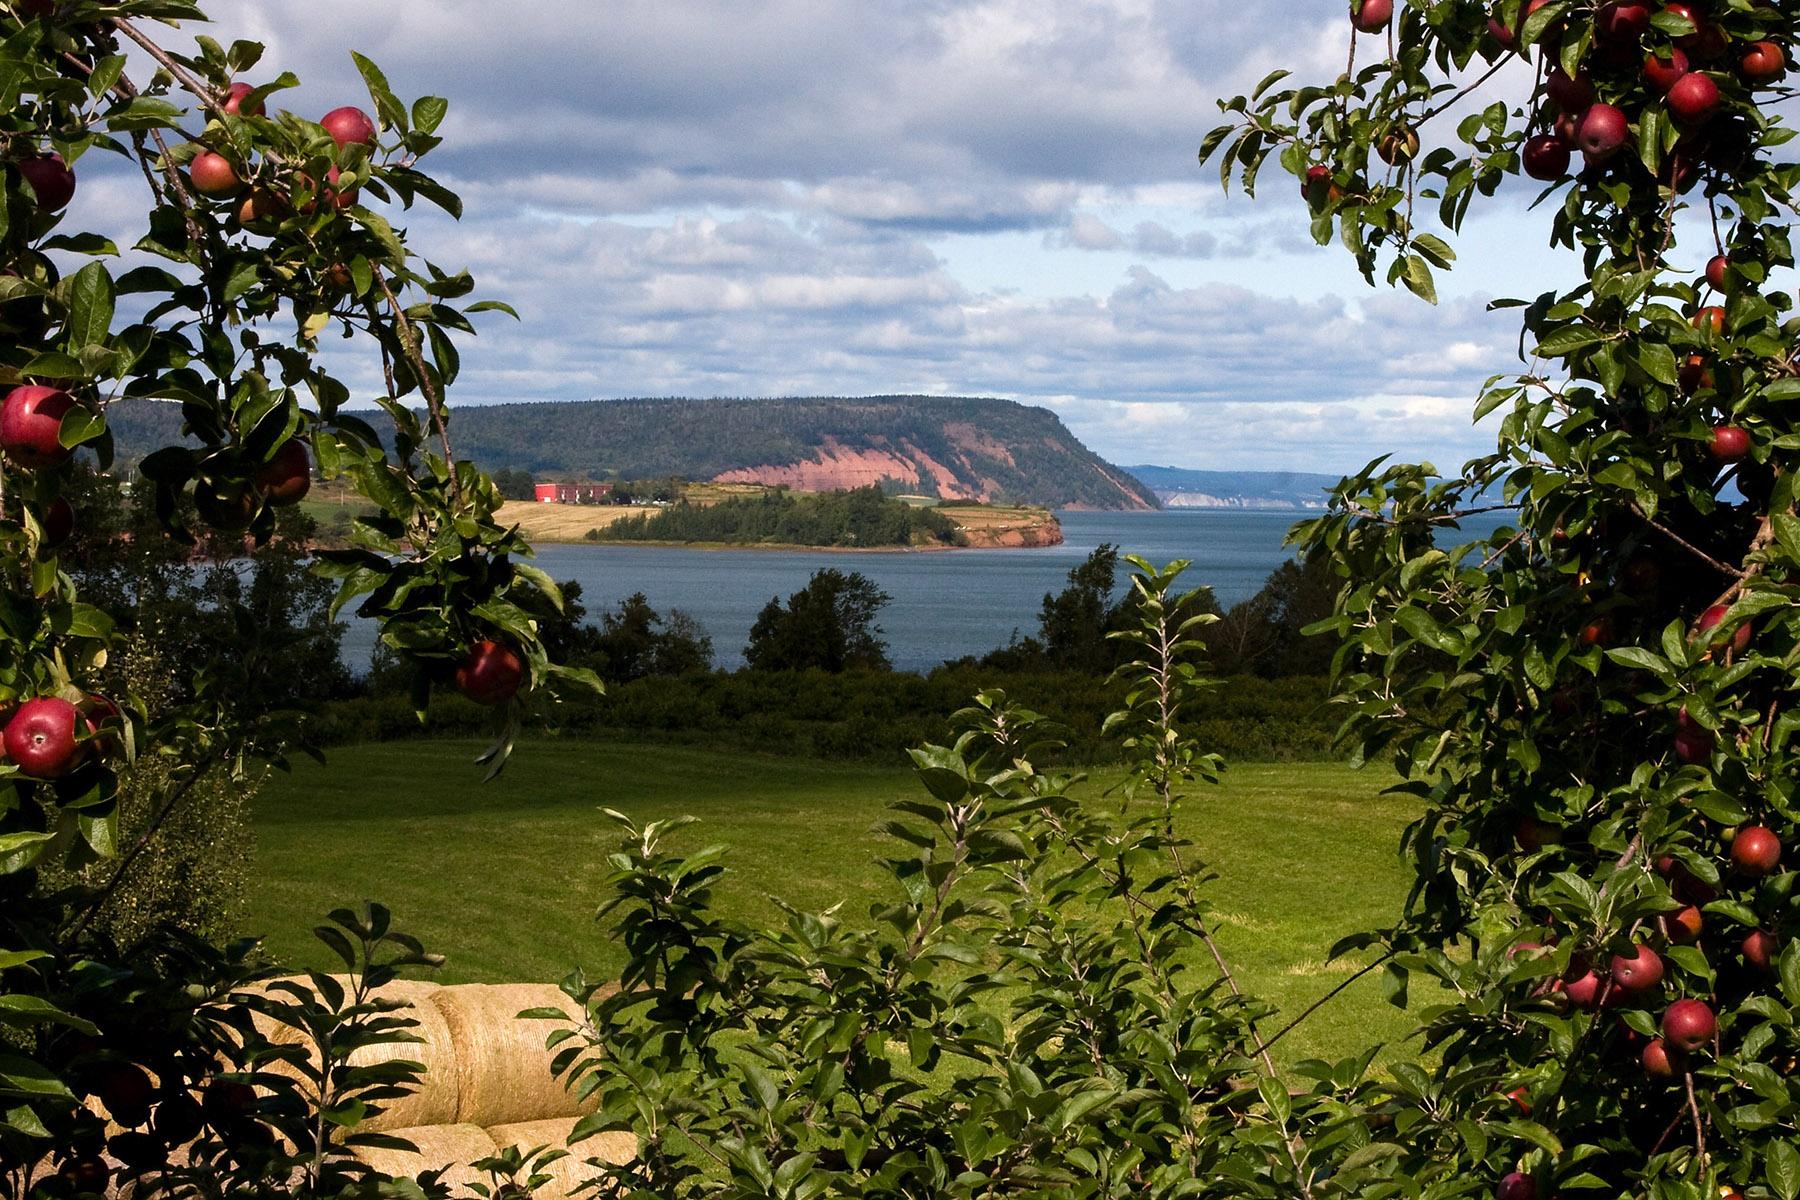 apple-orchard-and-landscape-in-nova-scotia-canada2